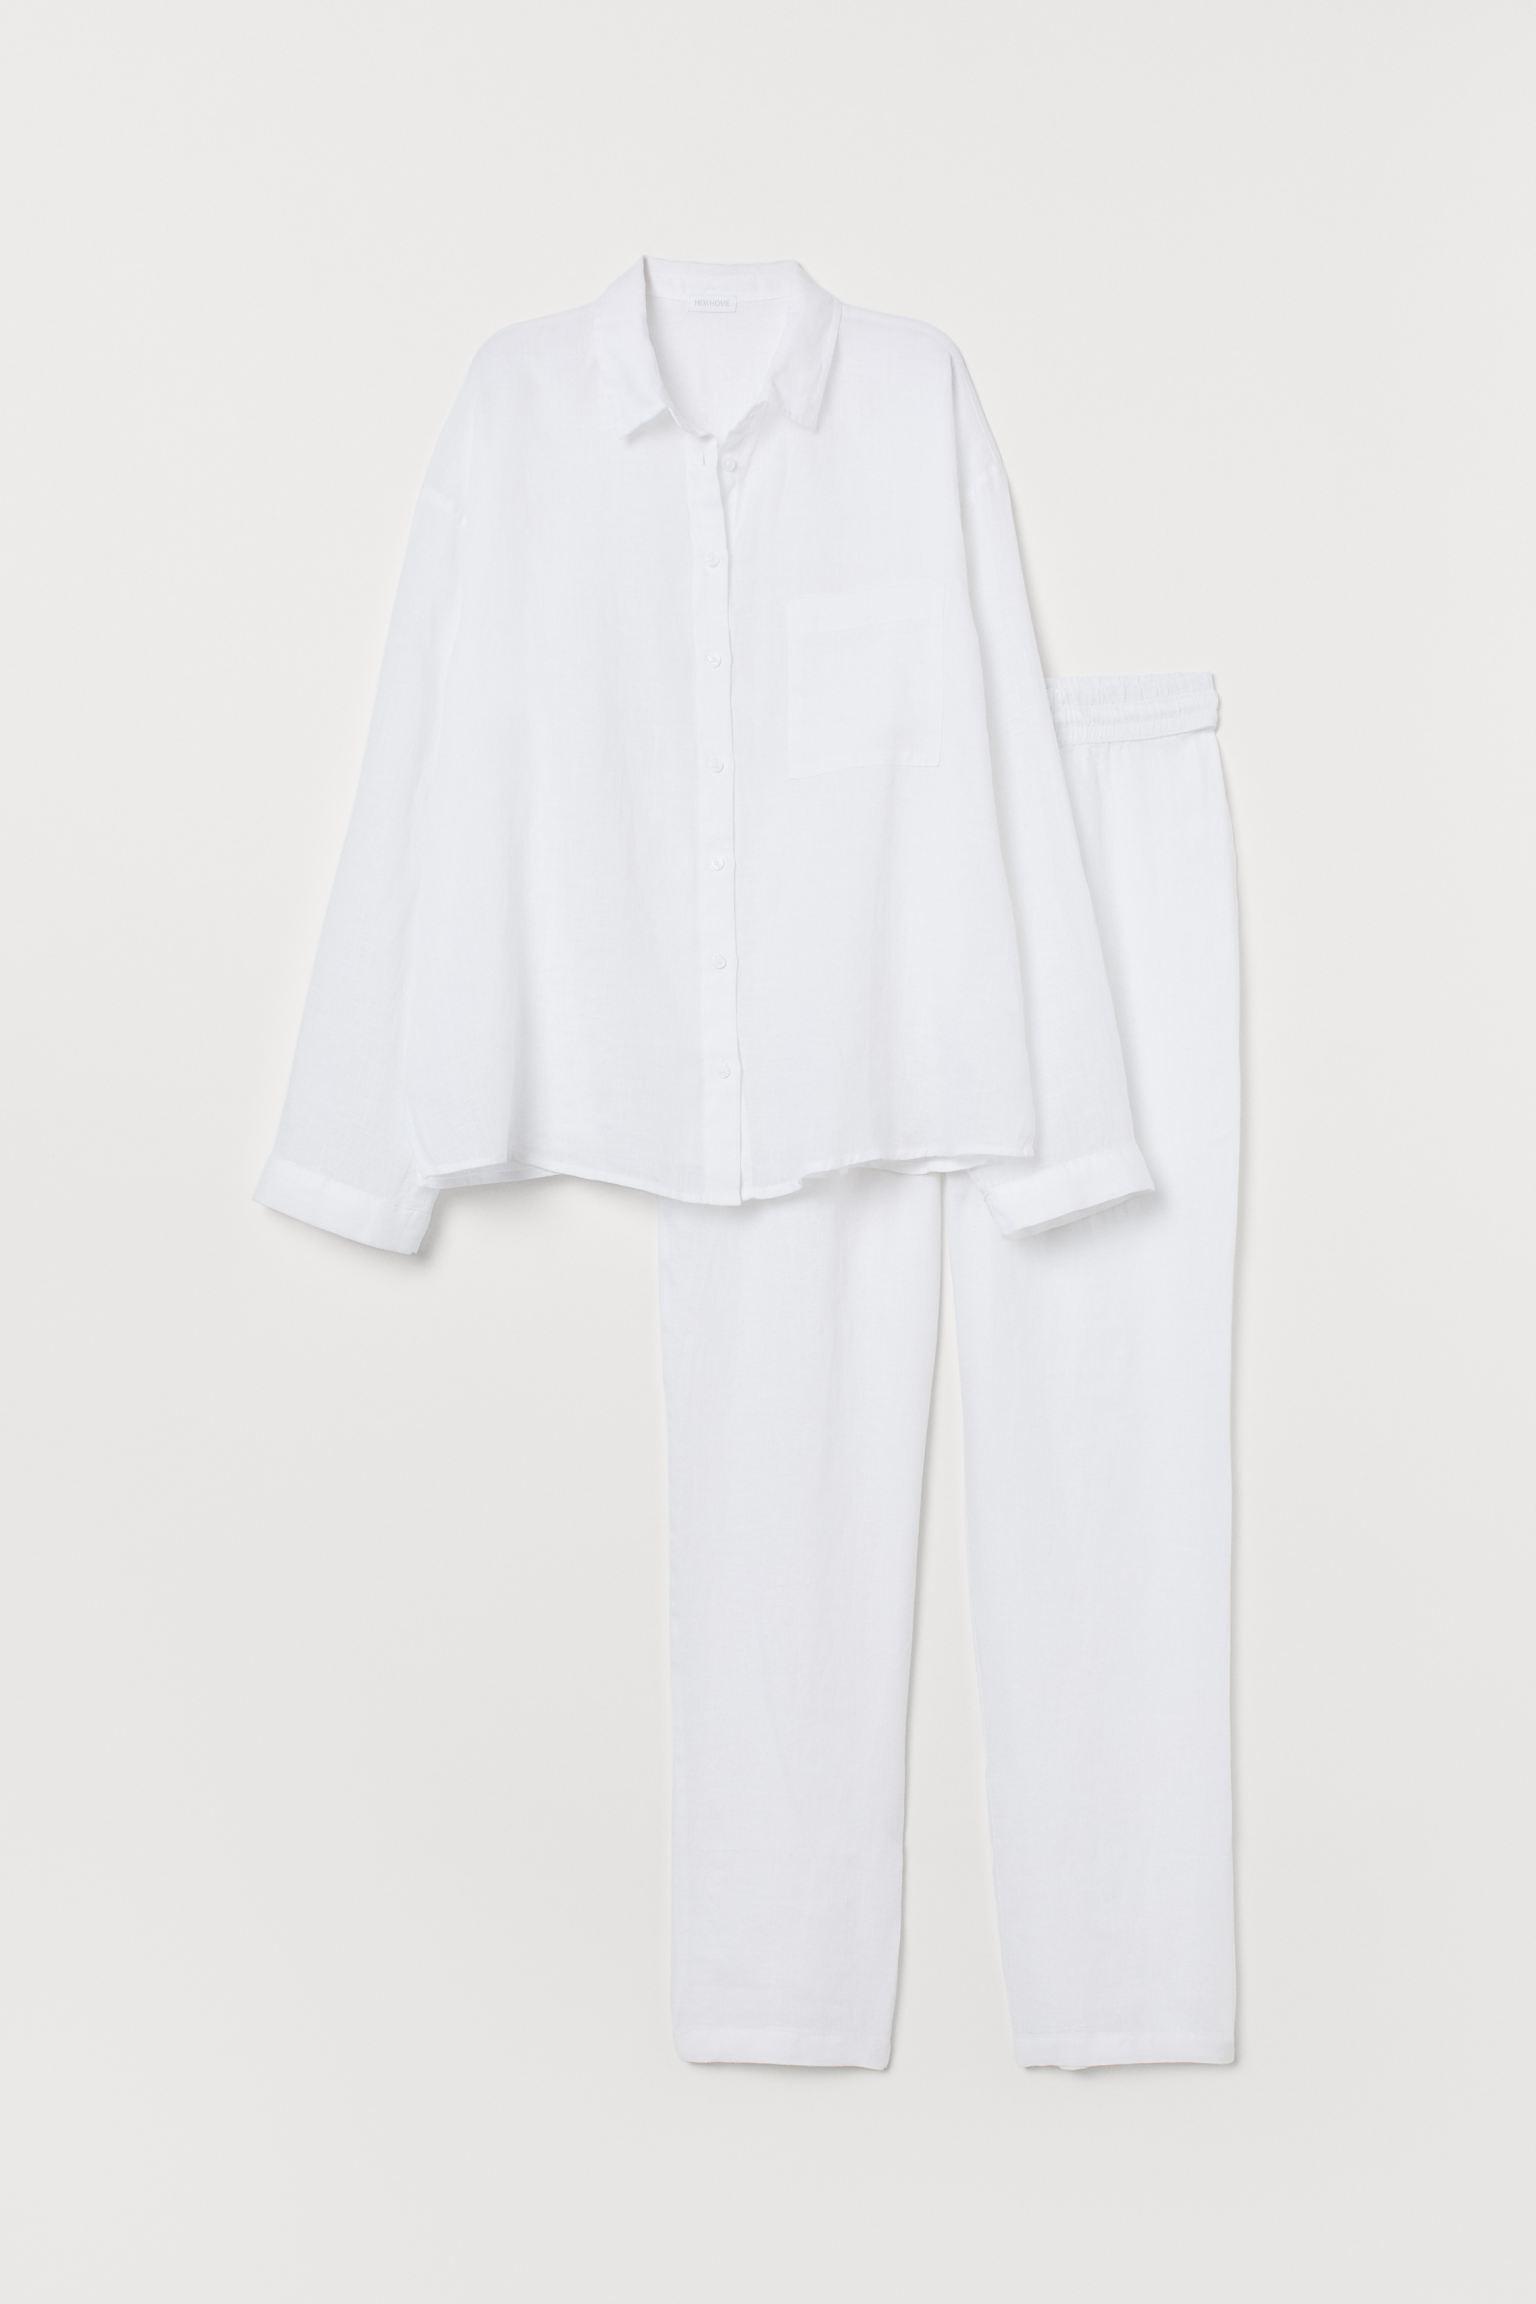 Pijama de dos piezas en lino. Camisa con cuello inglés, botones delante y un bolsillo superior abierto. Pantalón amplio con elástico revestido y cordón de ajuste en la cintura.